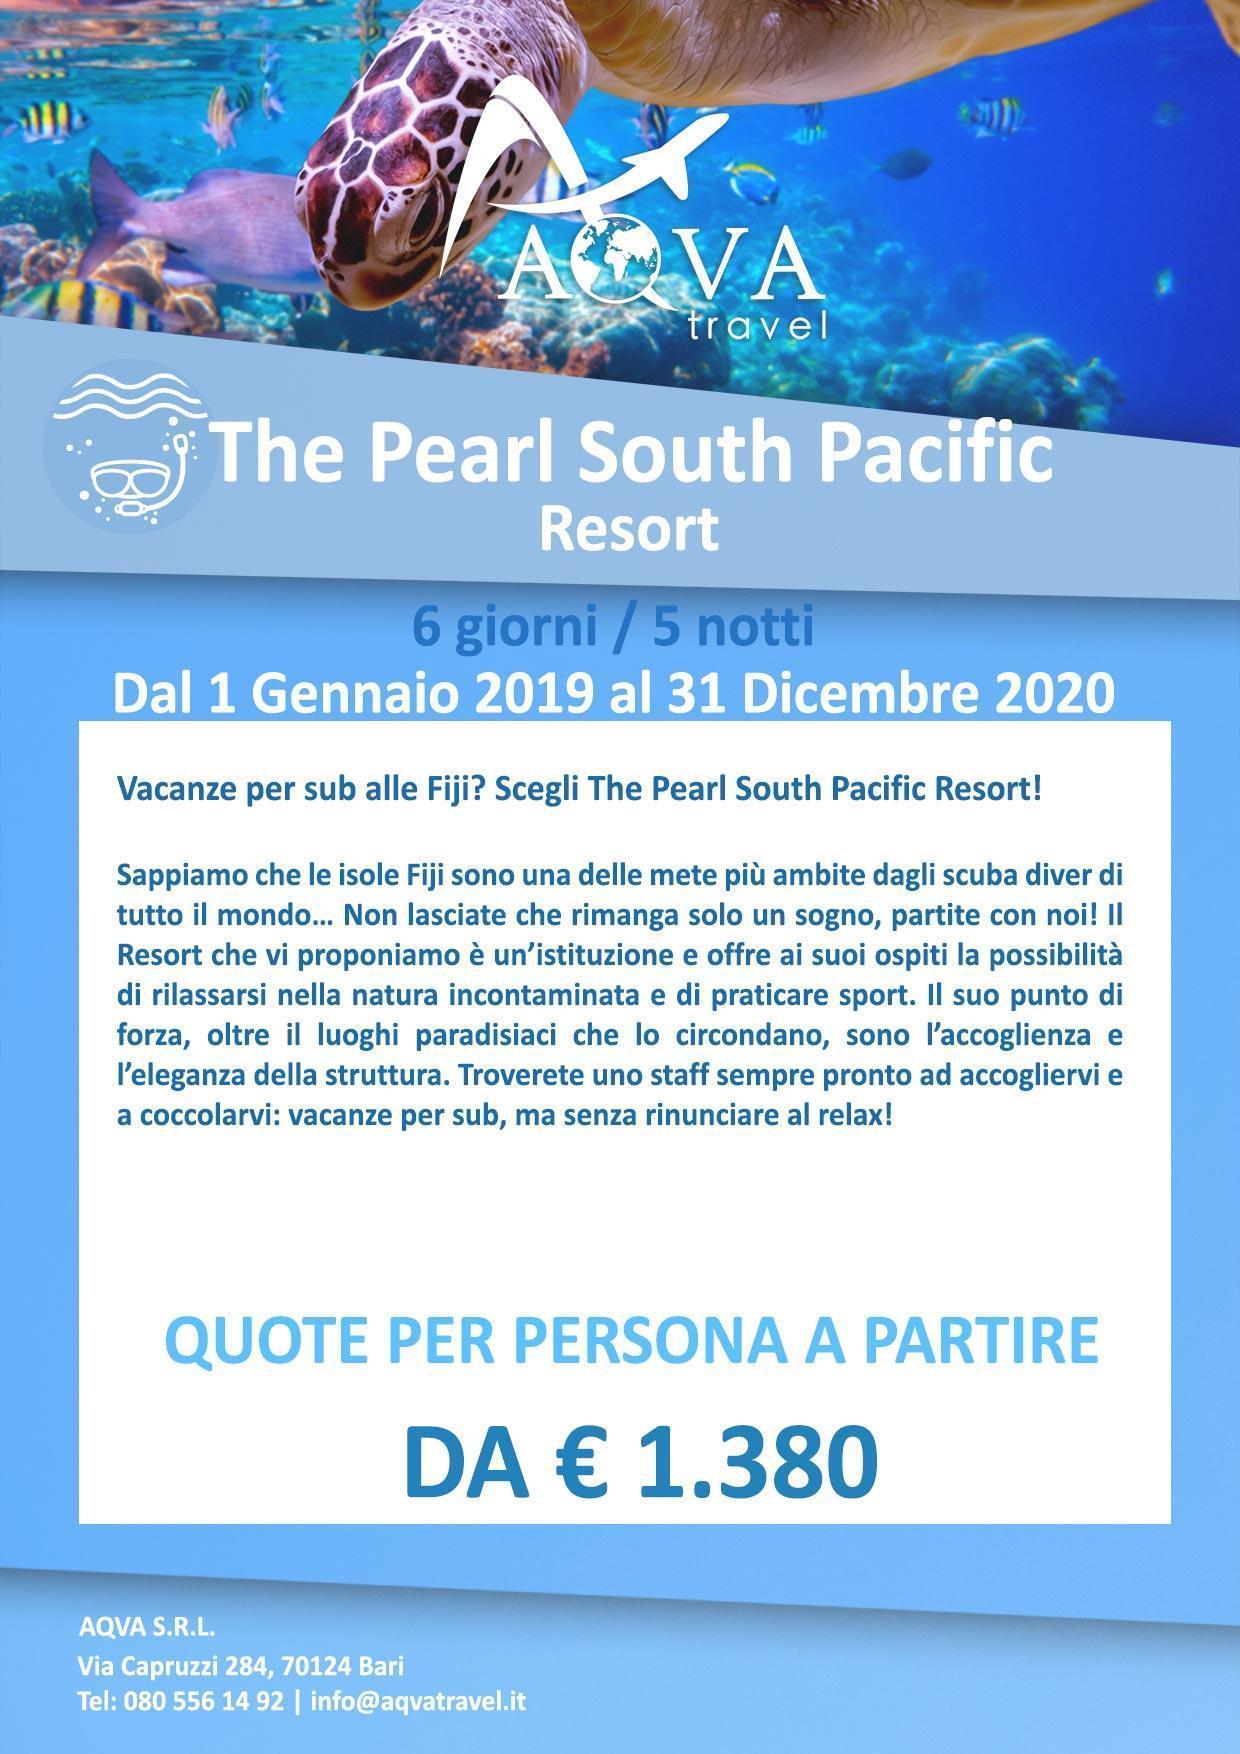 Subacquea--The-Pearl-South-Pacific-Resort-6-giorni-5-notti-subacquea-offerte-agenzia-di-viaggi-Bari-AQVATRAVEL-it